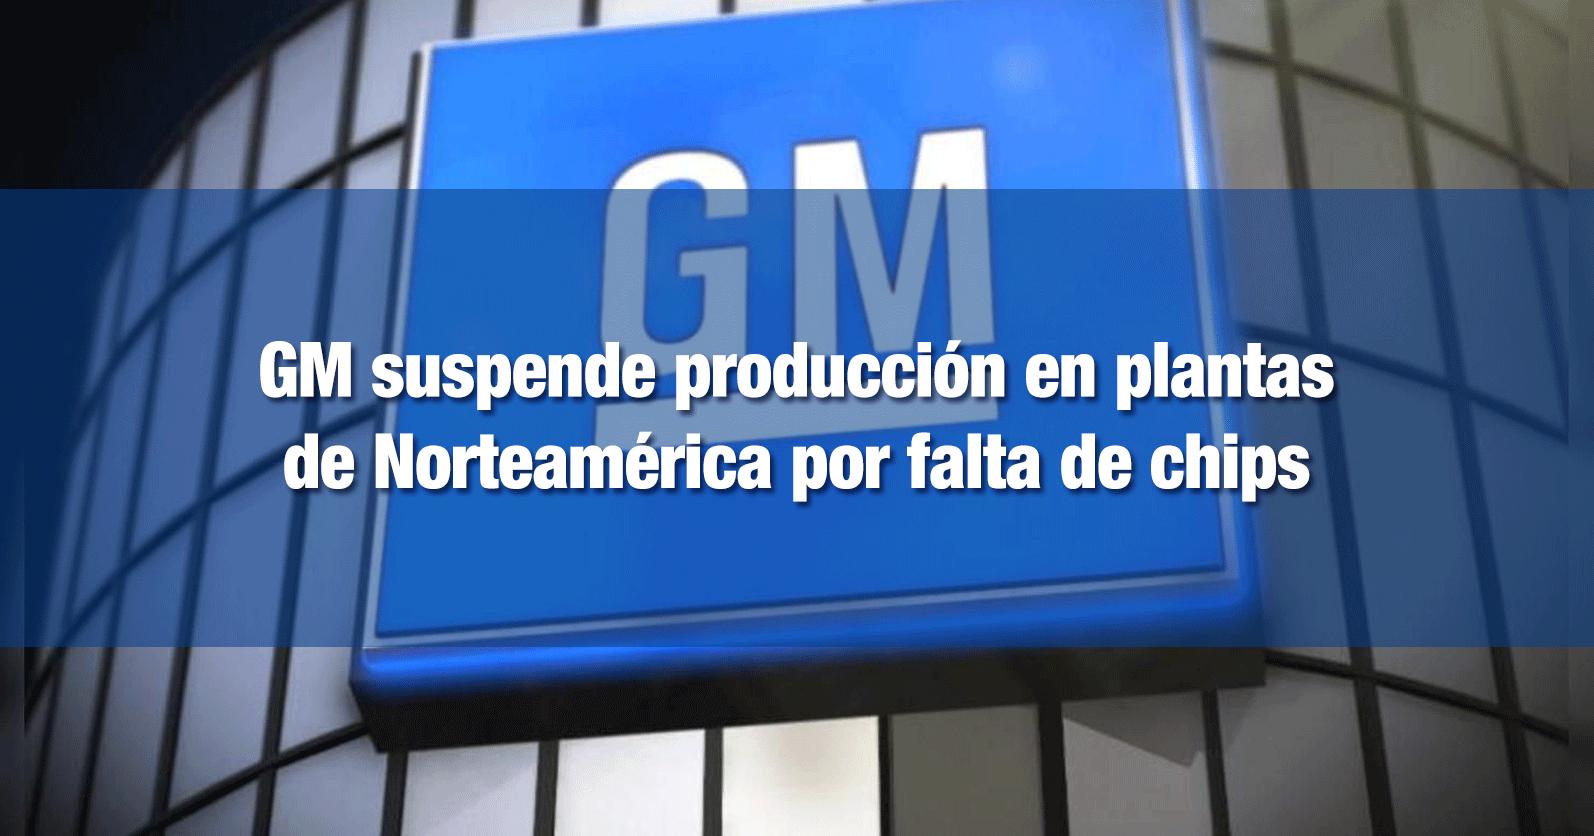 GM suspende producción en plantas de Norteamérica por falta de chips